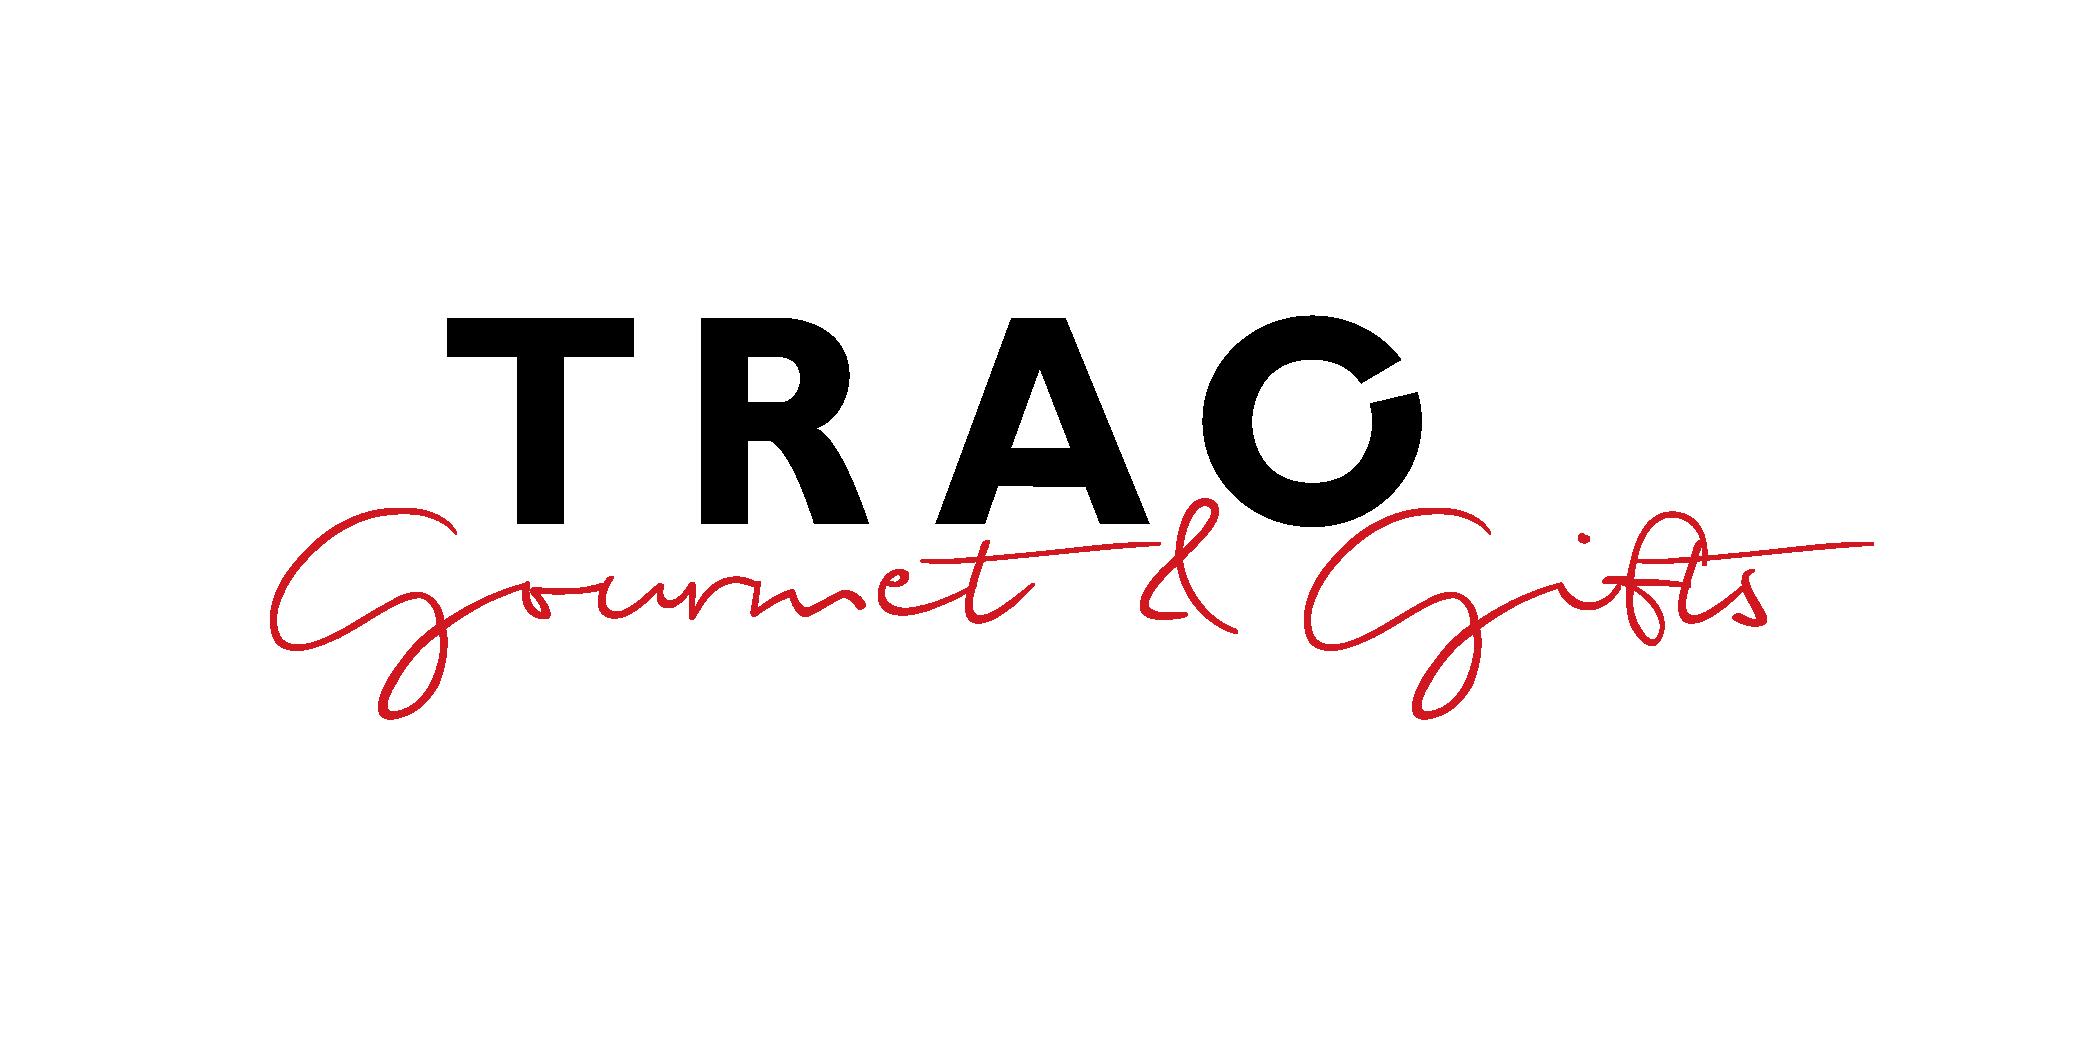 Trao Group – Sản phẩm/Quà Tết tử tế ở mức giá tử tế – Giới thiệu QUÀ TẾT, HỘP QUÀ TẾT và GIỎ QUÀ TẾT 2020